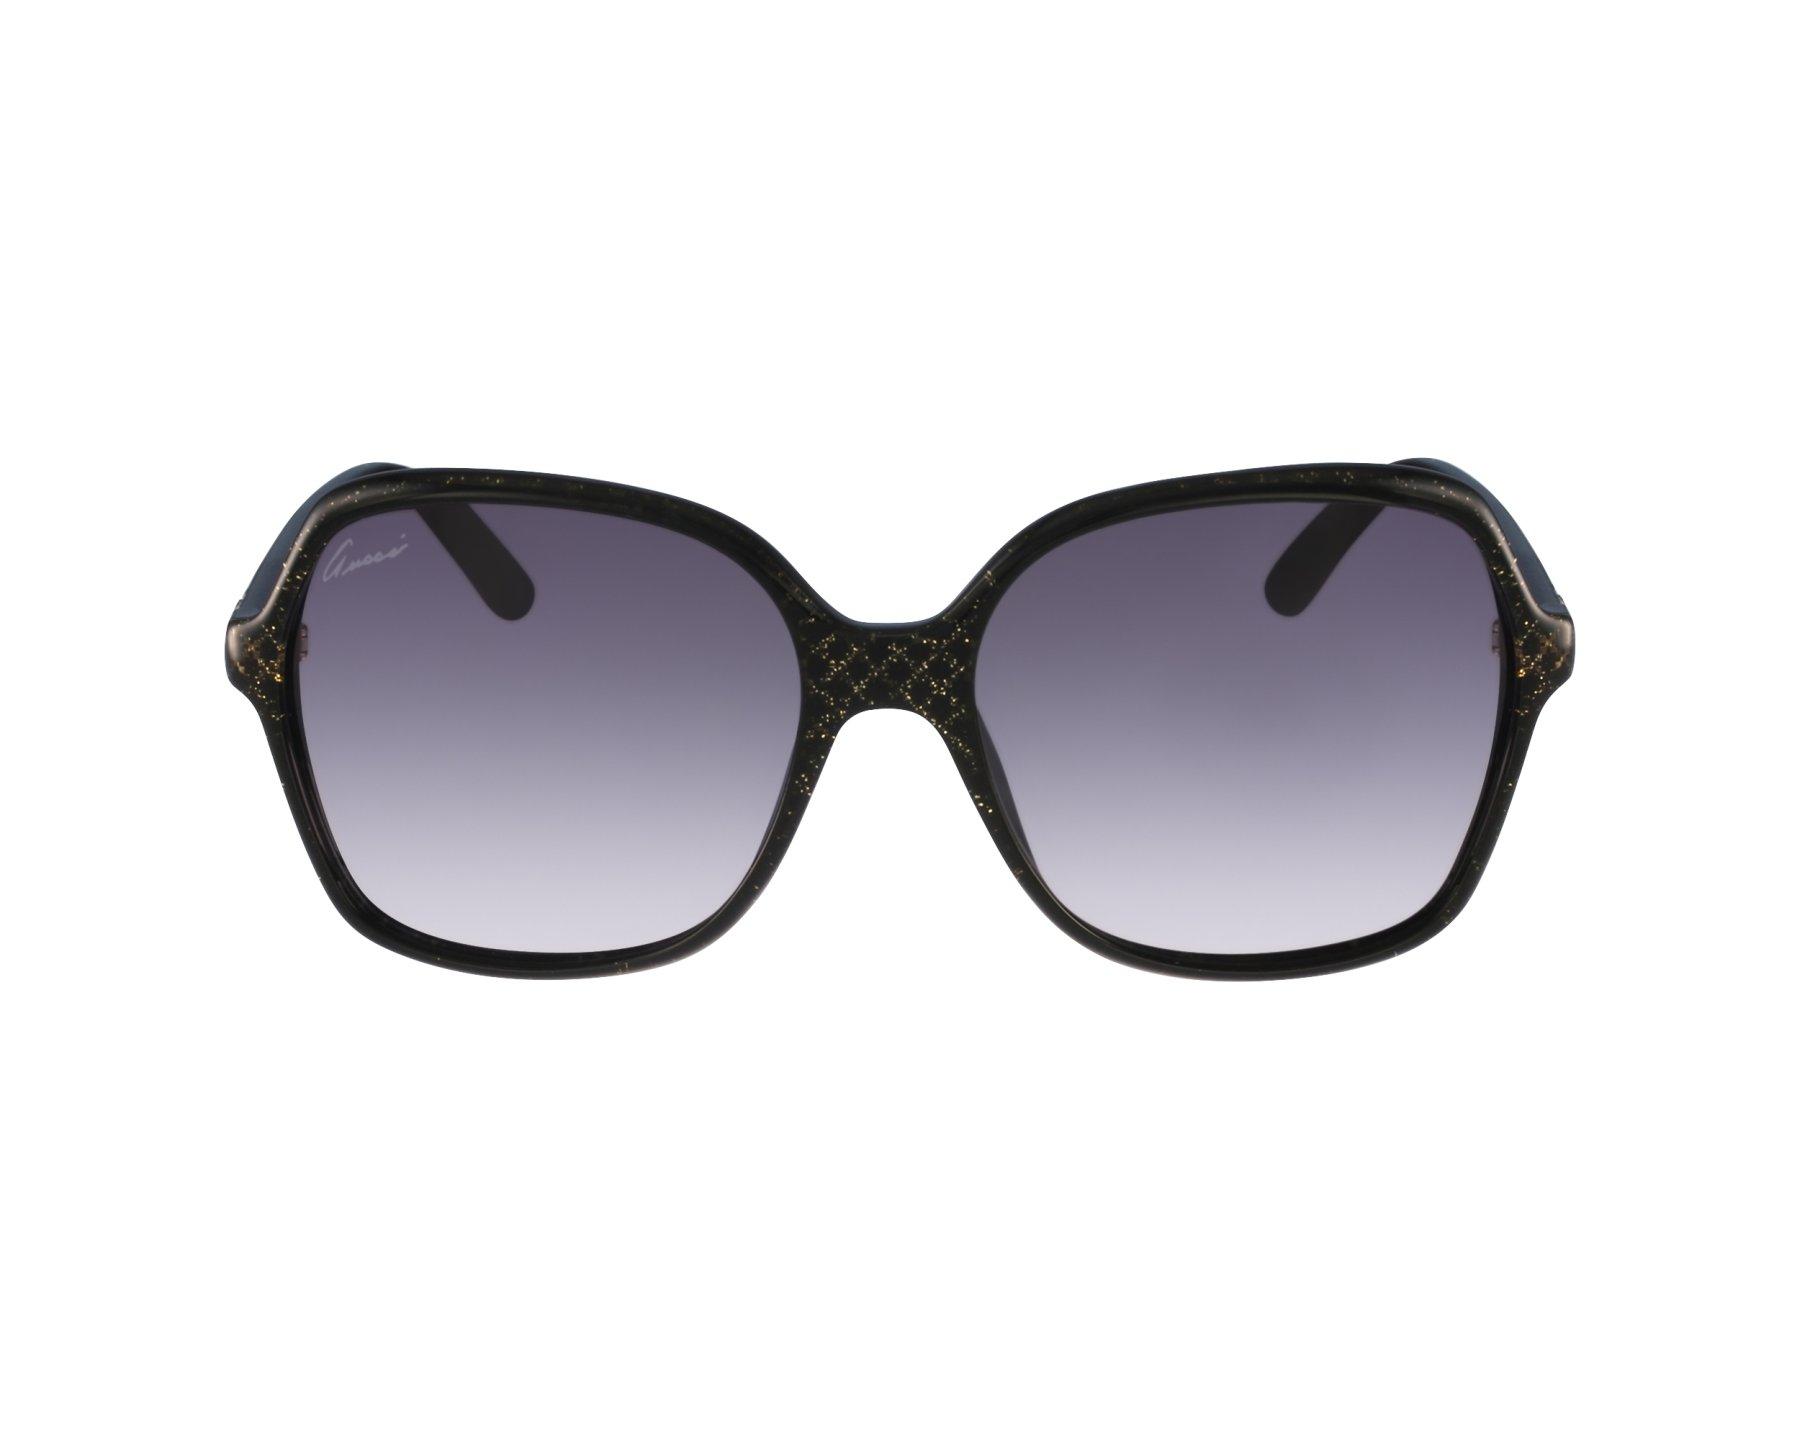 e5da113c16e thumbnail Sunglasses Gucci GG-3632-S DXF EU - Black profile view